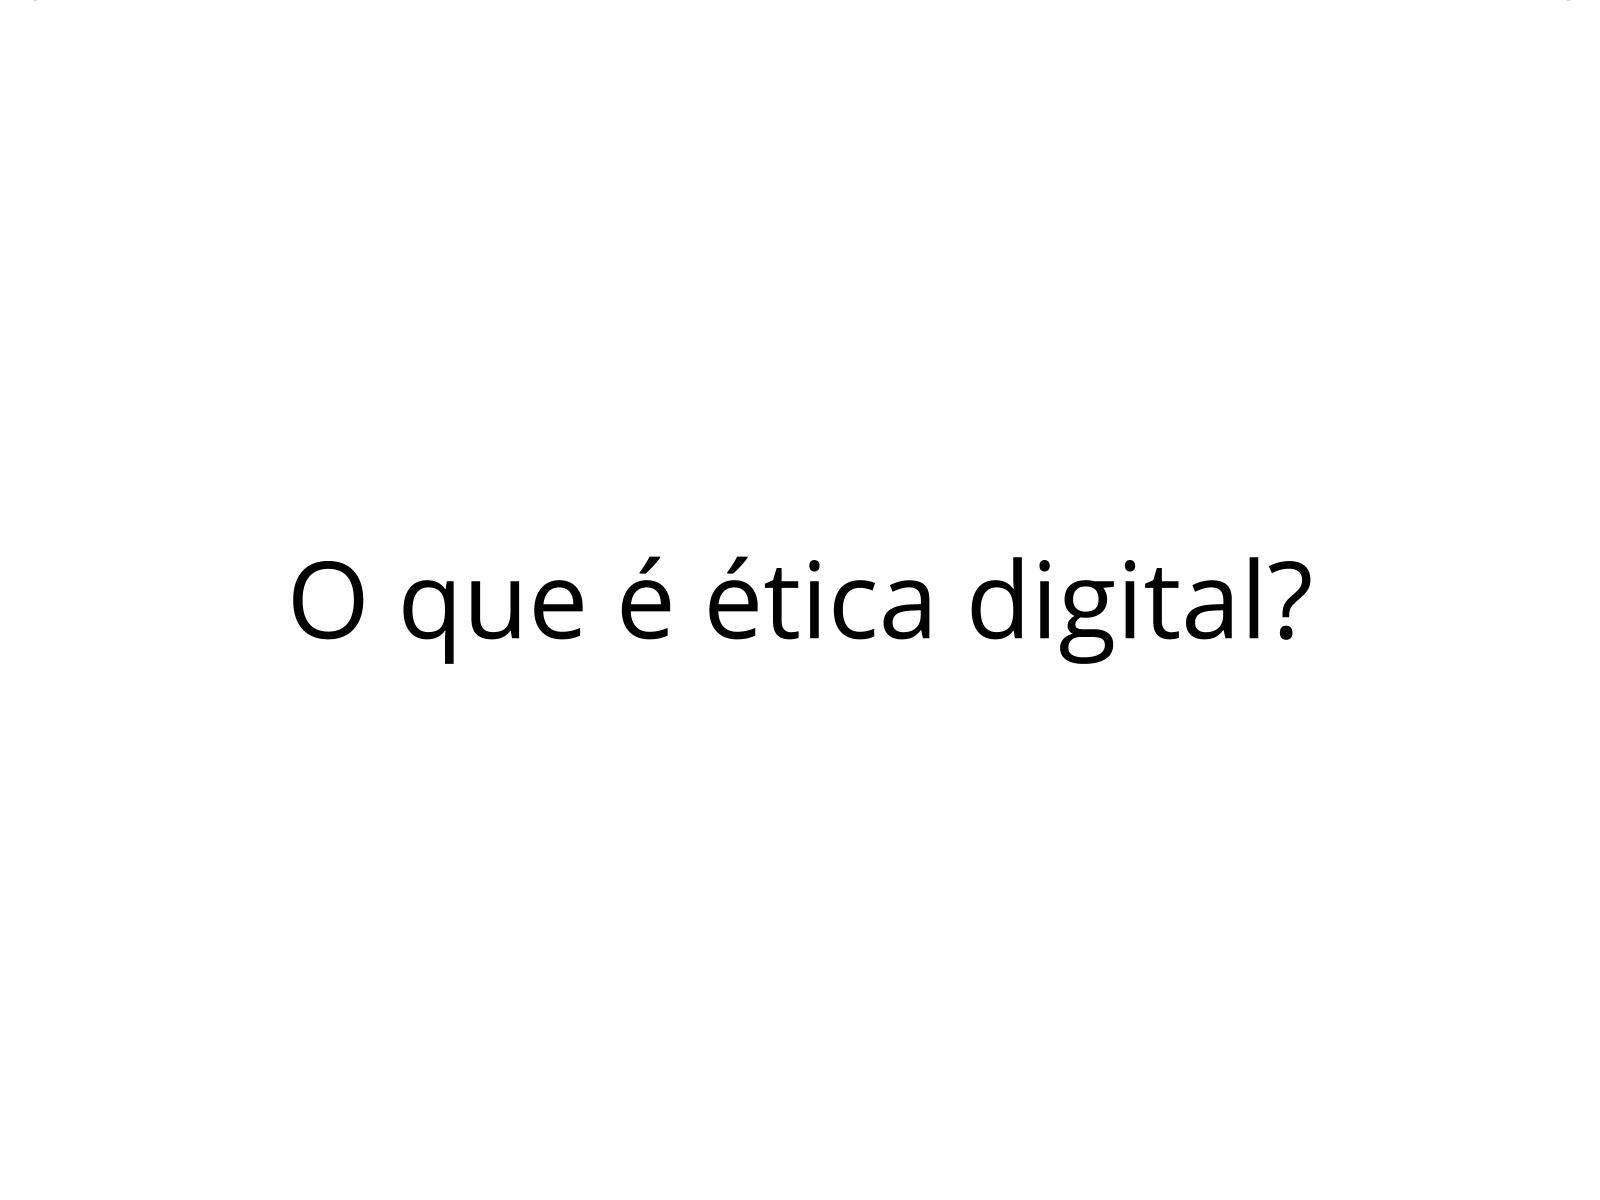 Ética digital no uso de aplicativos